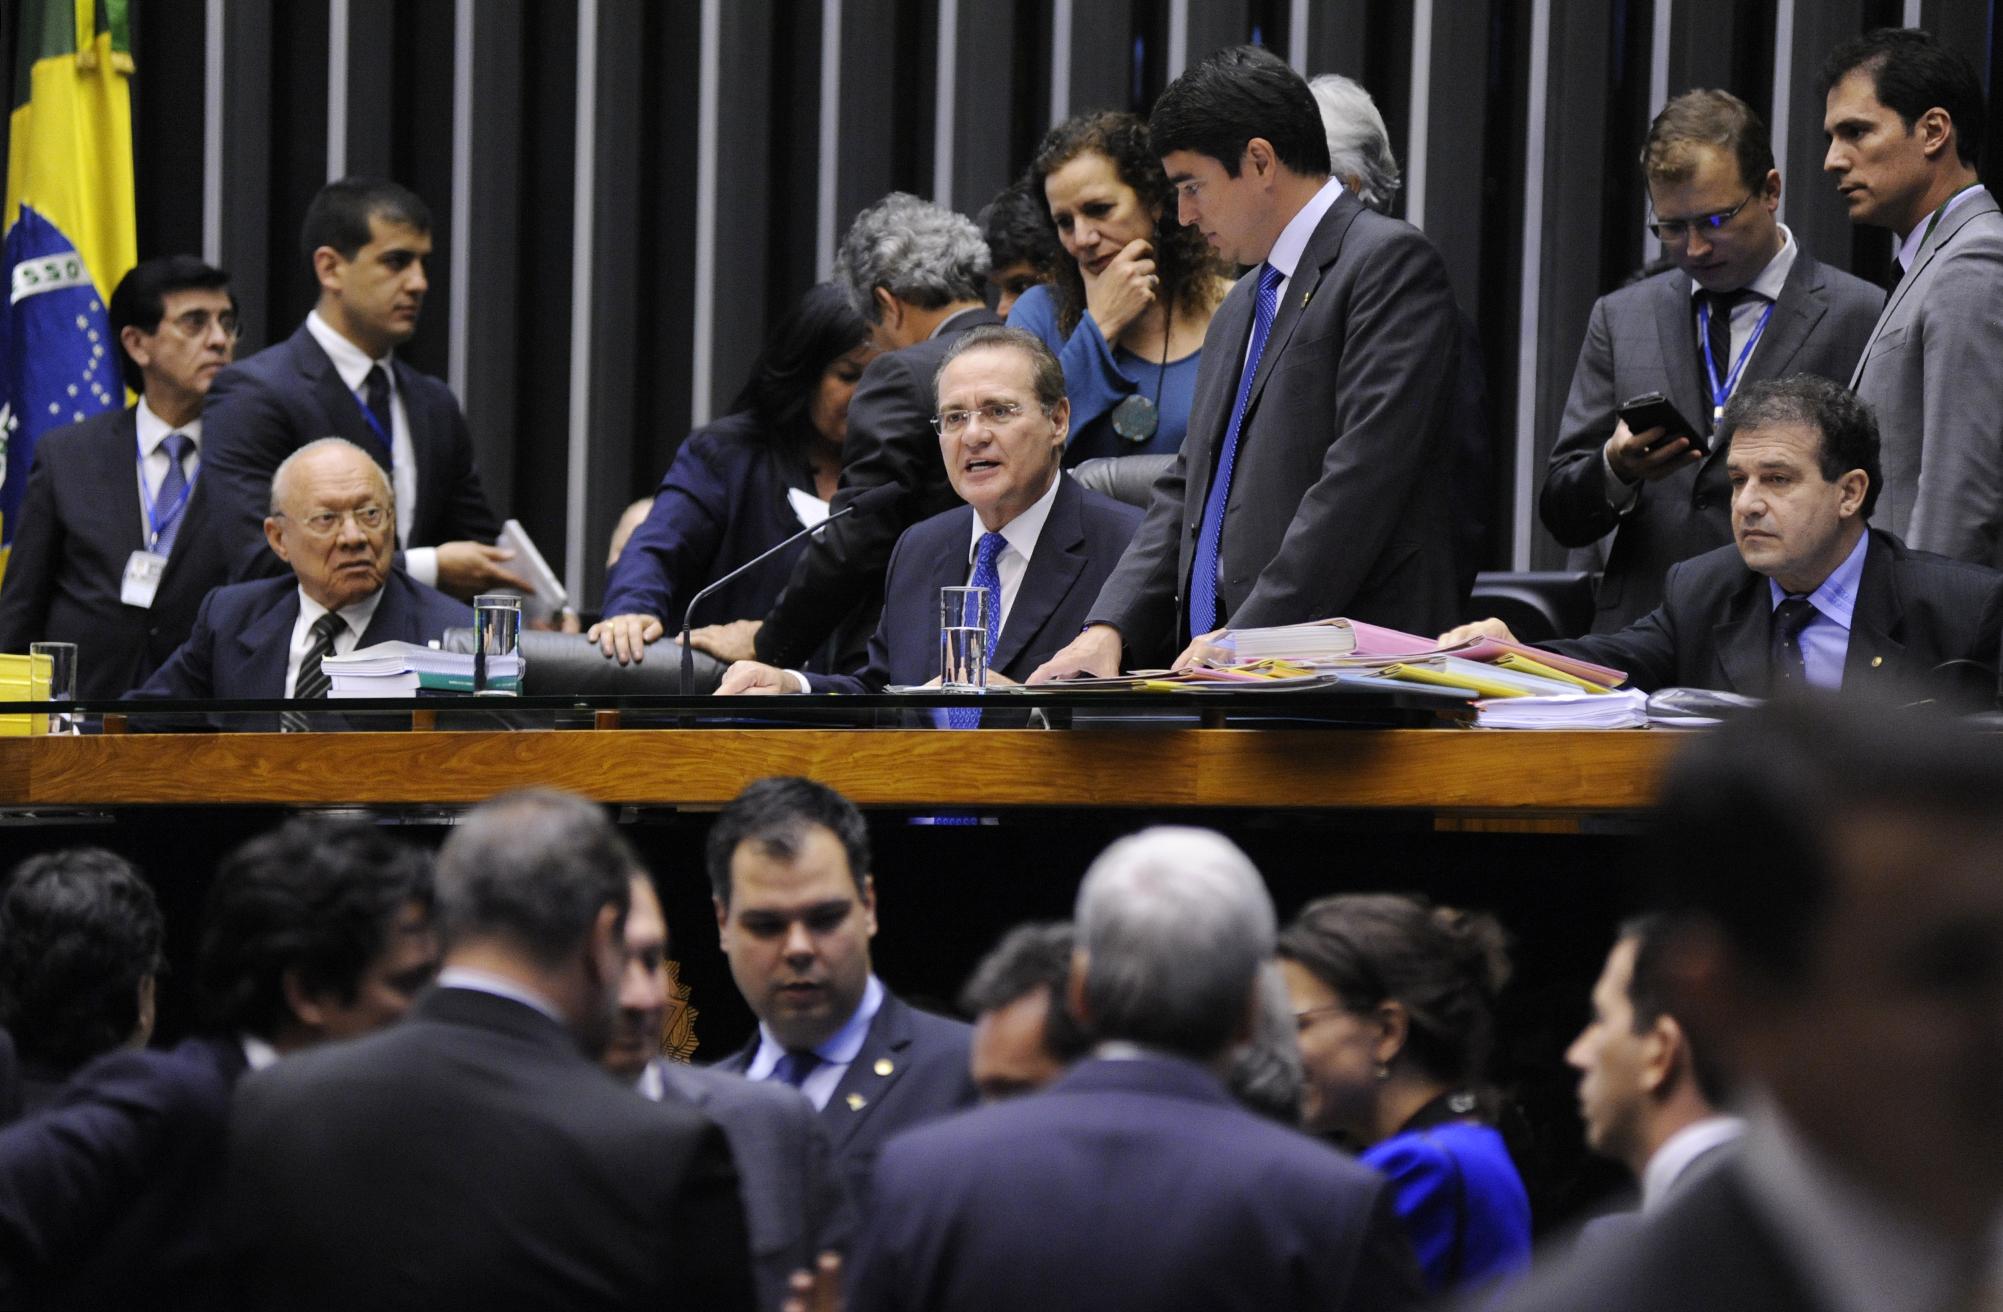 Sessão conjunta da Câmara e do Senado para analisar 32 vetos presidenciais a projetos de lei. Presidente do Congresso, sen. Renan Calheiros (PMDB-AL)